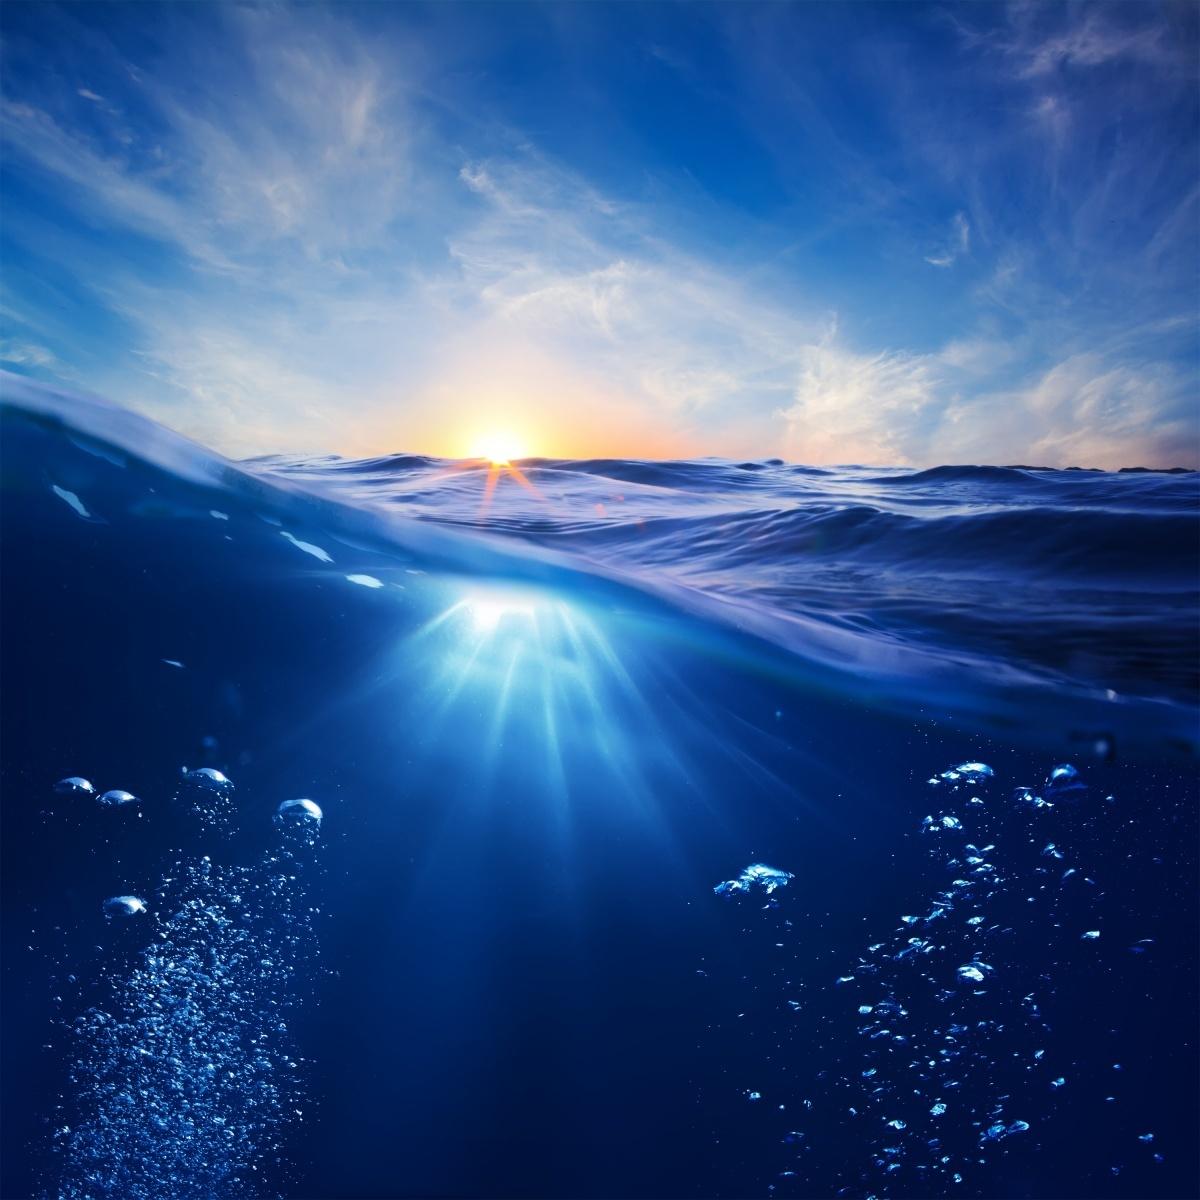 Волны - Waves